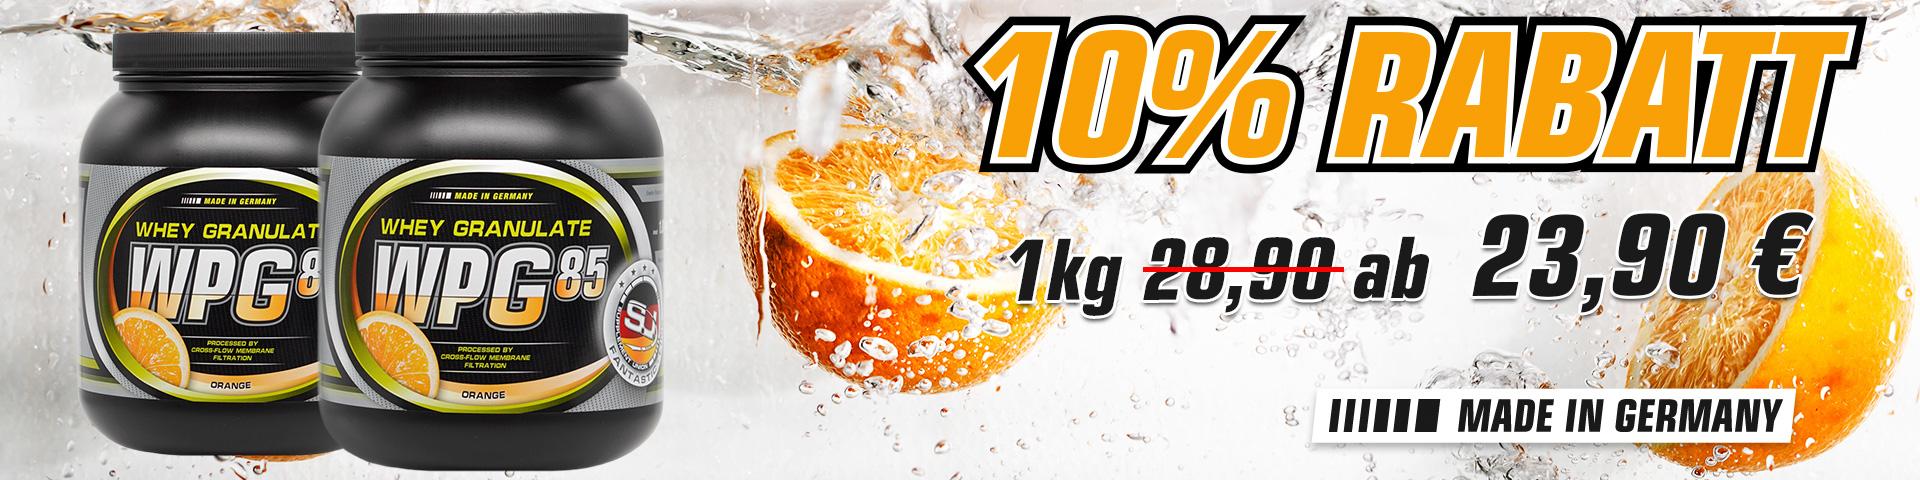 wpg-85-orange-neu.jpg